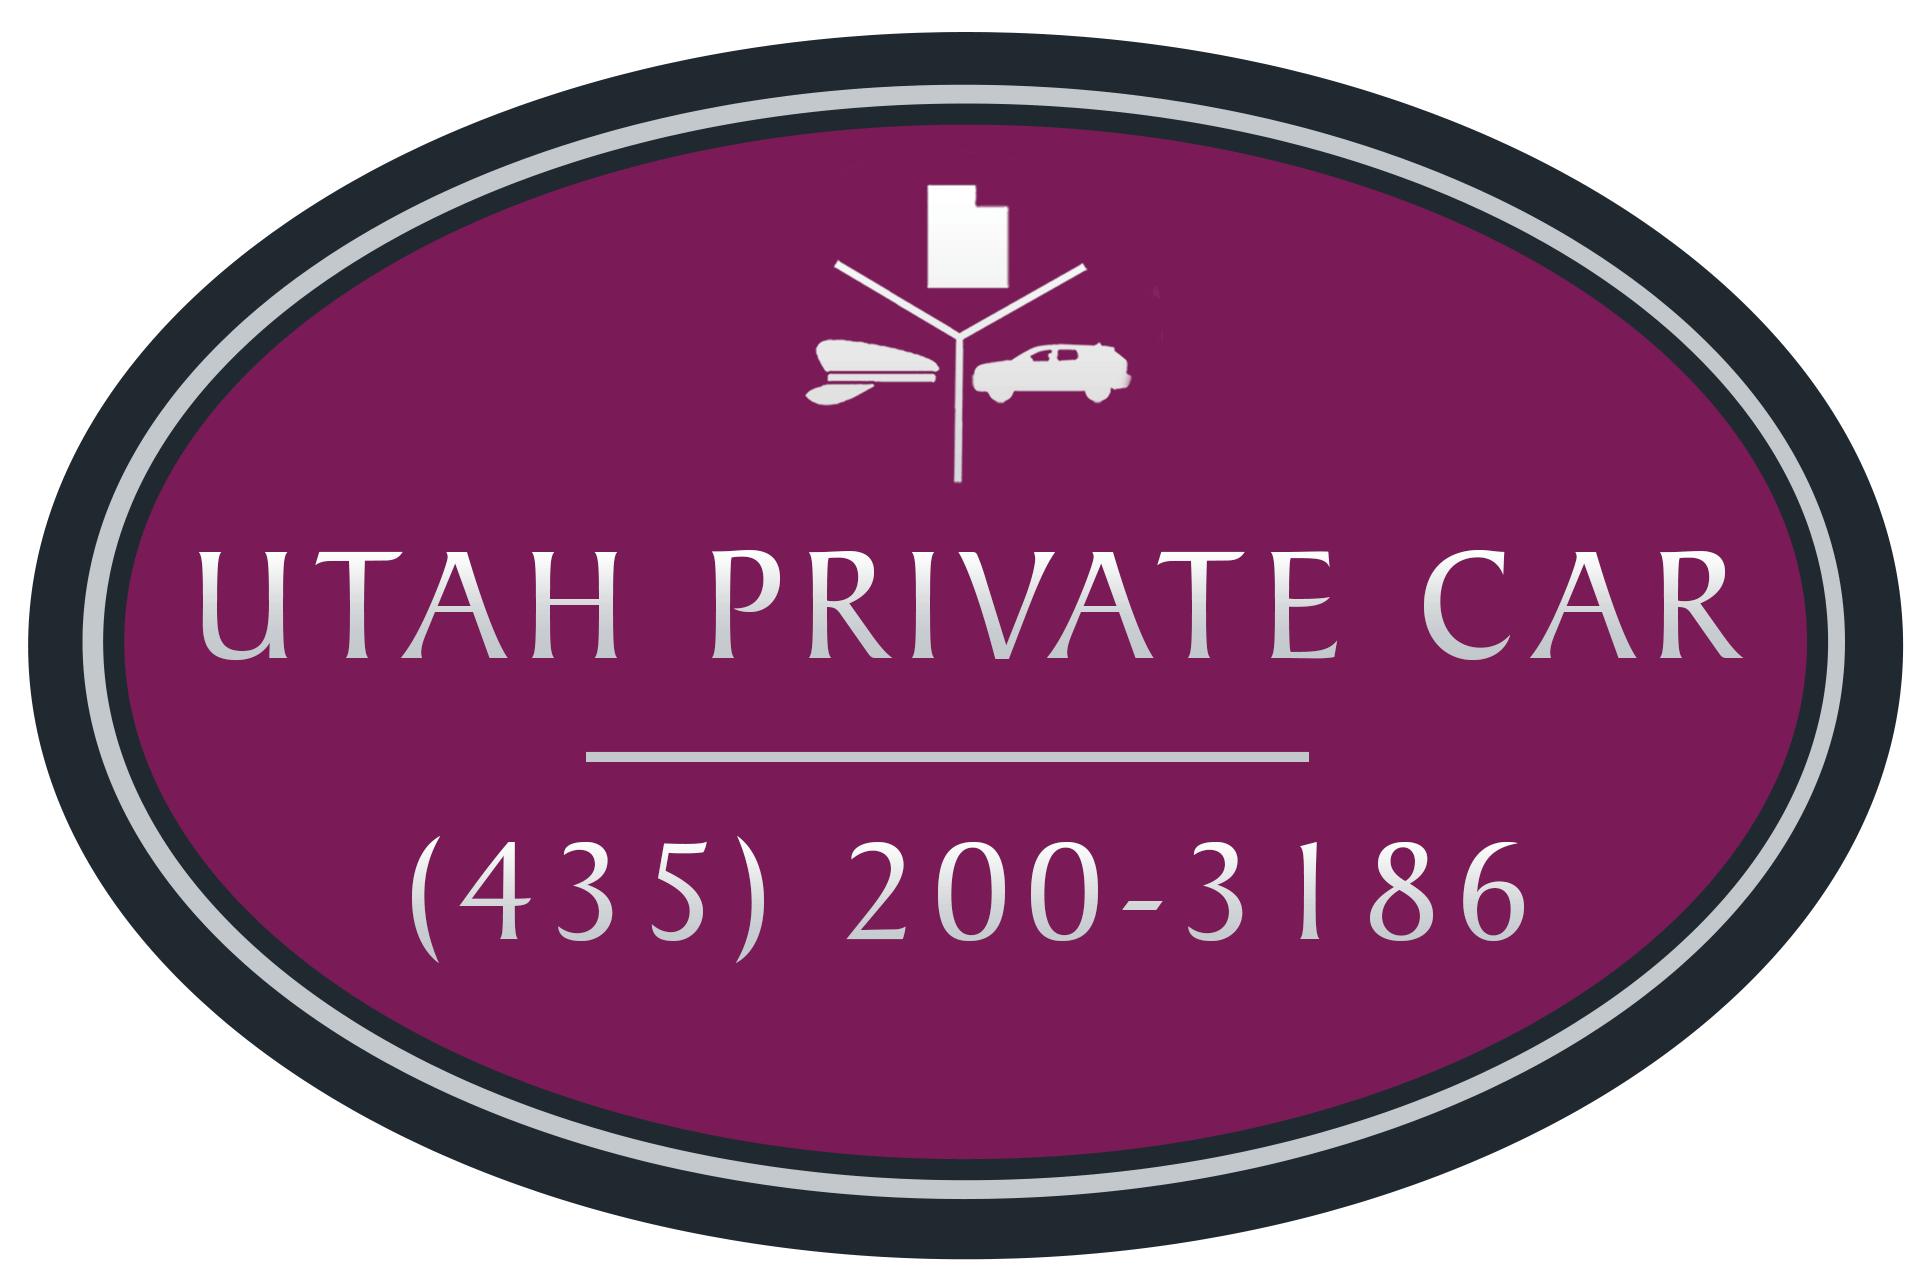 Utah Private Car Service